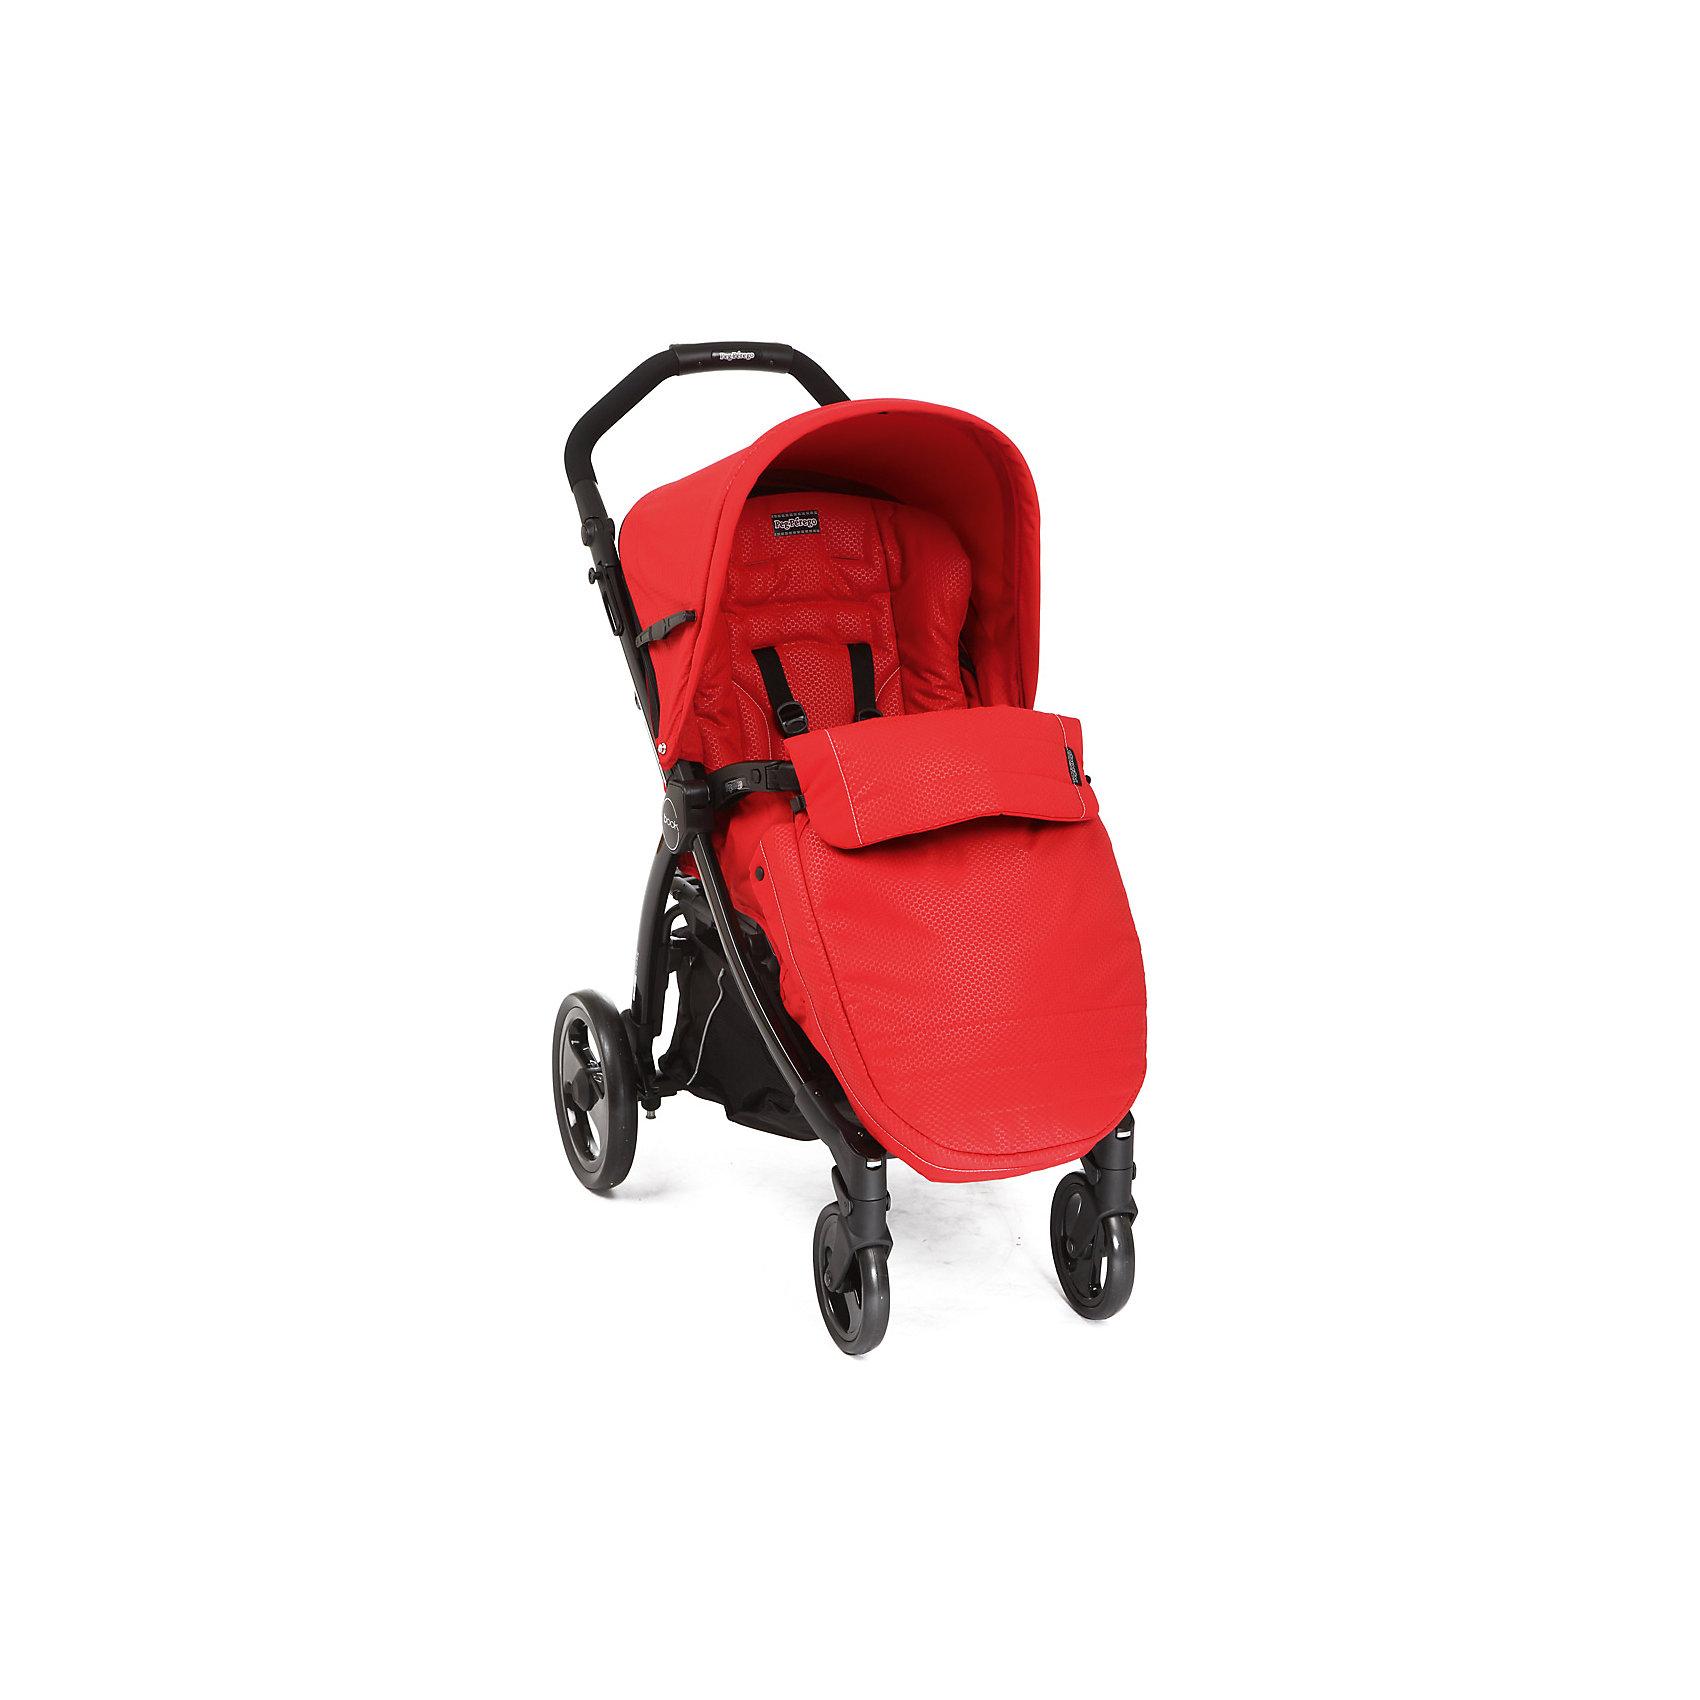 Прогулочная коляска Book Completo, Peg-Perego, Mod Red, красныйПрогулочная коляска Book Completo (Бук Комплето), Peg-Perego (Пег-Перего) – это стильная и практичная прогулочная коляска, которая понравится родителям, ценящим активный образ жизни. Коляска легко управляется даже одной рукой, благодаря передним поворотным колесам, а большие по диаметру задние колеса обеспечивают хорошую проходимость по бездорожью и снегу. Коляска имеет широкое, длинное и комфортабельное сиденье, а возможность удлинения спального места за счет подножки и регулируемый наклон спинки позволяет малышу комфортно спать и отдыхать во время прогулки. Для детей, которые уже могут самостоятельно сидеть, в комплекте идет теплый чехол на ножки, который согреет малыша в холодную погоду. В такой коляске малышу будет комфортно в любую погоду и в любых дорожных условиях!<br><br>Характеристики:<br>-Тип колес: 4 одинарных ненадувных колеса<br>-Поворотные передние колеса с возможностью фиксации, фиксированные задние колеса<br>-Регулировка эргономичной ручки по высоте<br>-Регулируемая подножка: 2 положения<br>-Регулировка наклона спинки: 4 положения, включая горизонтальное<br>-Для детей до 15 кг<br>-Механизм складывания: книжка<br>-Съемный защитный бампер для защиты от выпадения ребенка<br>-Легкий уход: возможность снять и постирать обивку при температуре до 30 градусов, съемные колеса<br>-Пятиточечные ремни безопасности<br>-Легкая и прочная алюминиевая рама <br>-Малышу будет очень комфортно под капюшоном со встроенной москитной сеткой и прозрачным окошком. Специальная петелька для крепления подвесной игрушки. Легким движением руки Вы можно расстегнуть молнию и превратить капюшон в солнцезащитный тент<br>-Удобный ножной тормоз: одним движением блокируются оба колеса<br>-Удобная система сложения одной рукой: шасси складывается вместе с прогулочным блоком <br>-Прогулочный блок НЕ реверсивный<br><br>Дополнительная информация:<br>Комплектация: шасси, прогулочный блок с капюшоном, дождевик, корзина для покупок, 